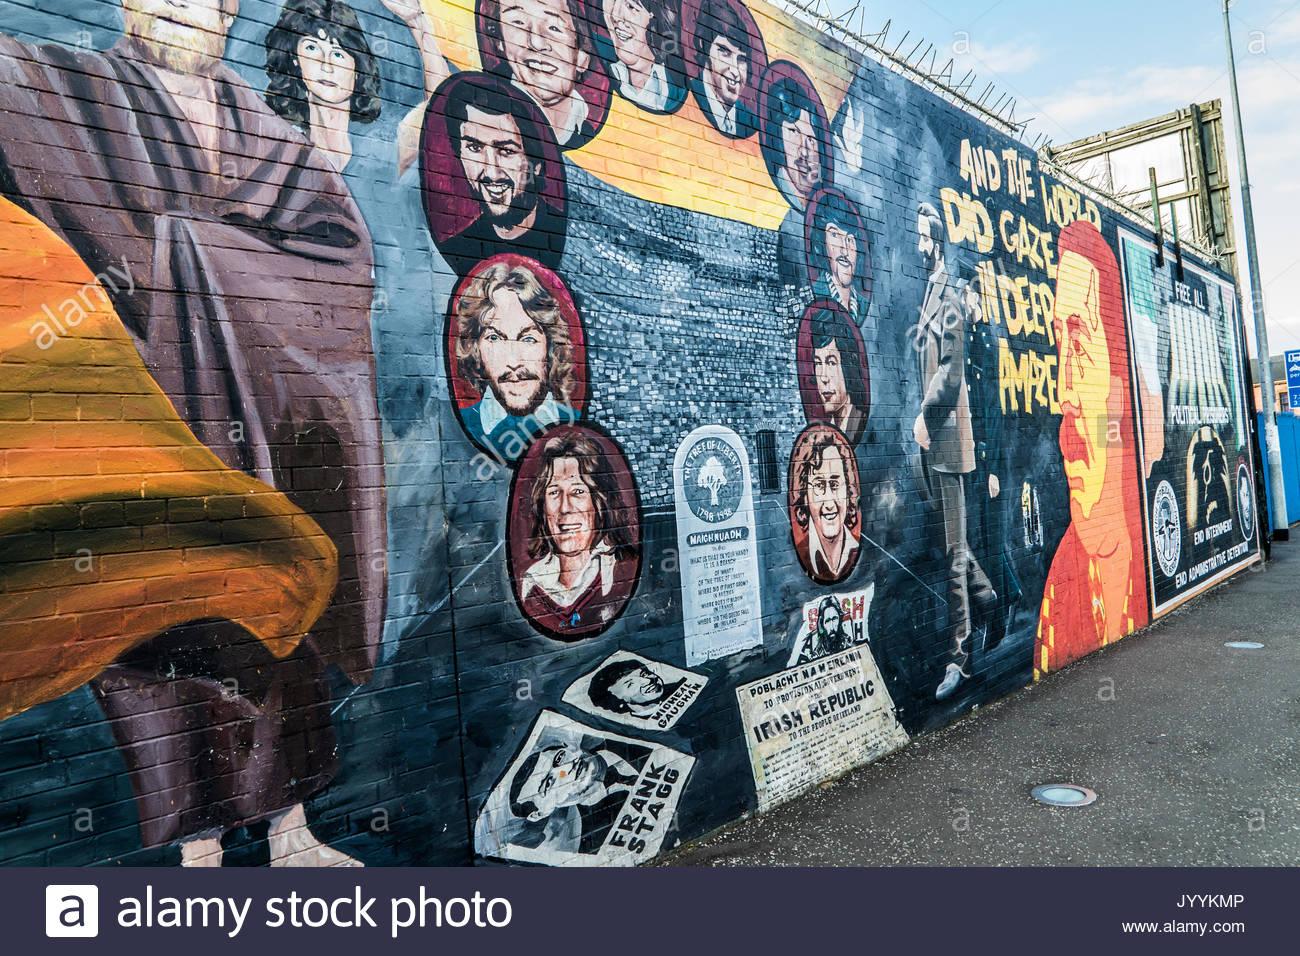 Belfast murals stock photos belfast murals stock images for Mural in belfast